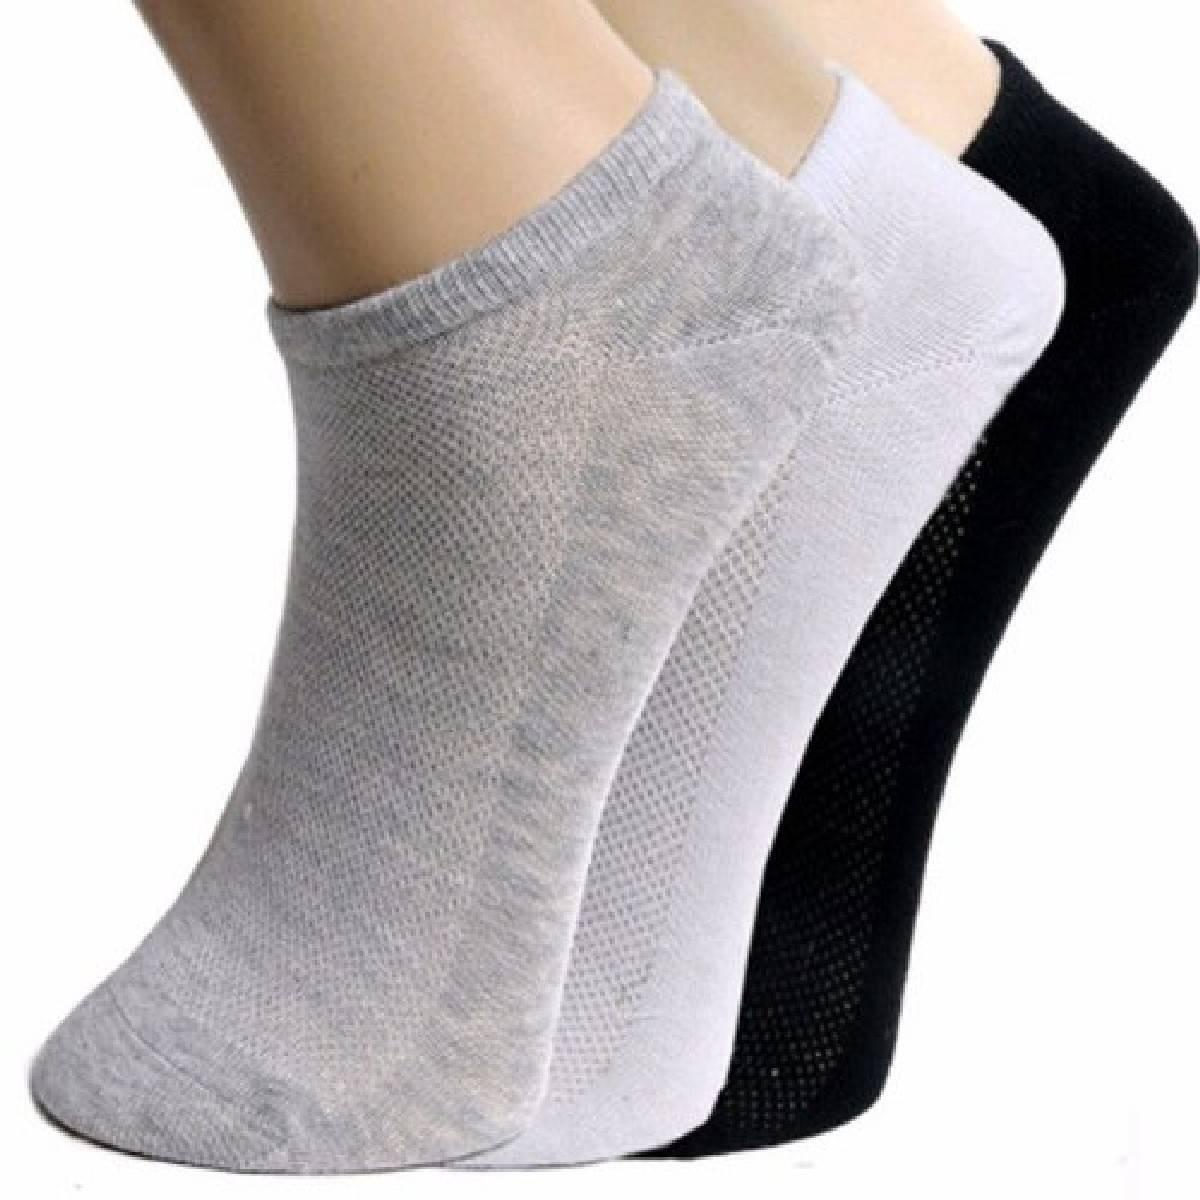 Pack Of 3 - 6 - 9 - 12 Ankle Sock For Men